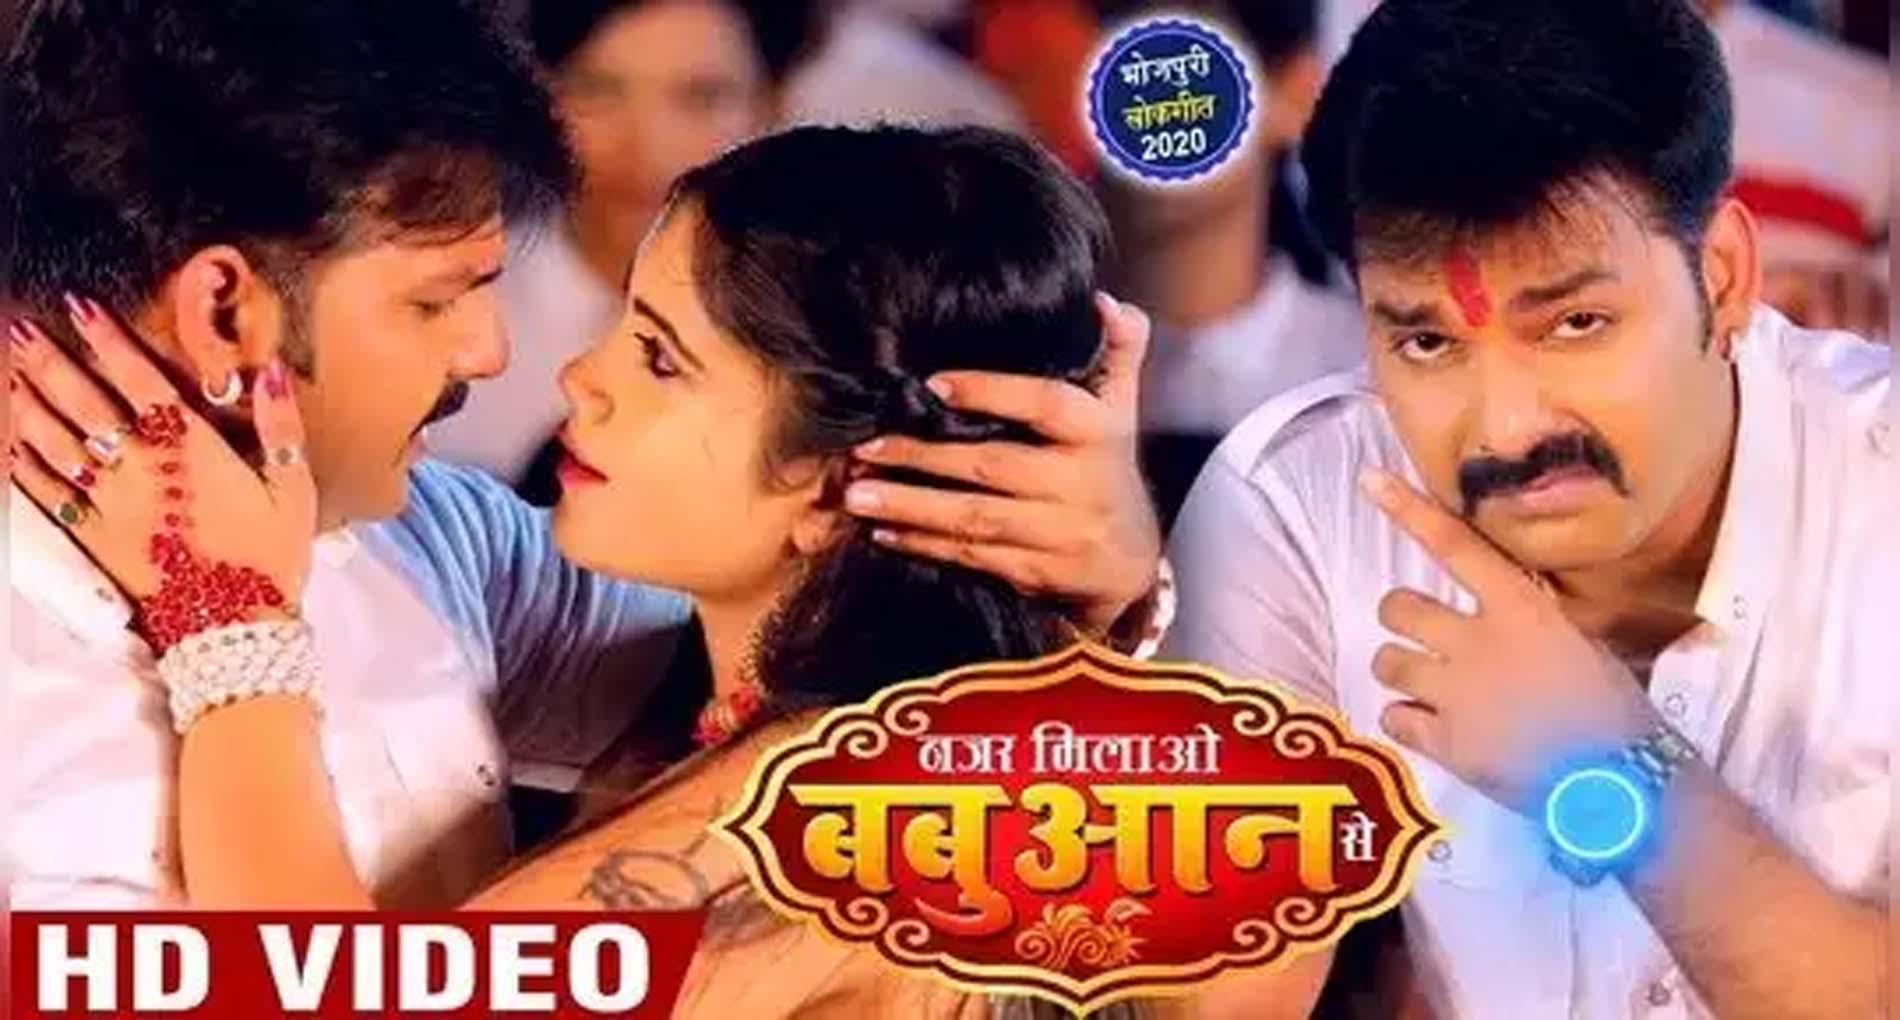 Pawan Singh Video Song: यूट्यूब पर छाया पवन सिंह का गाना 'नजर मिलाओ बबुआन से', देखें Video